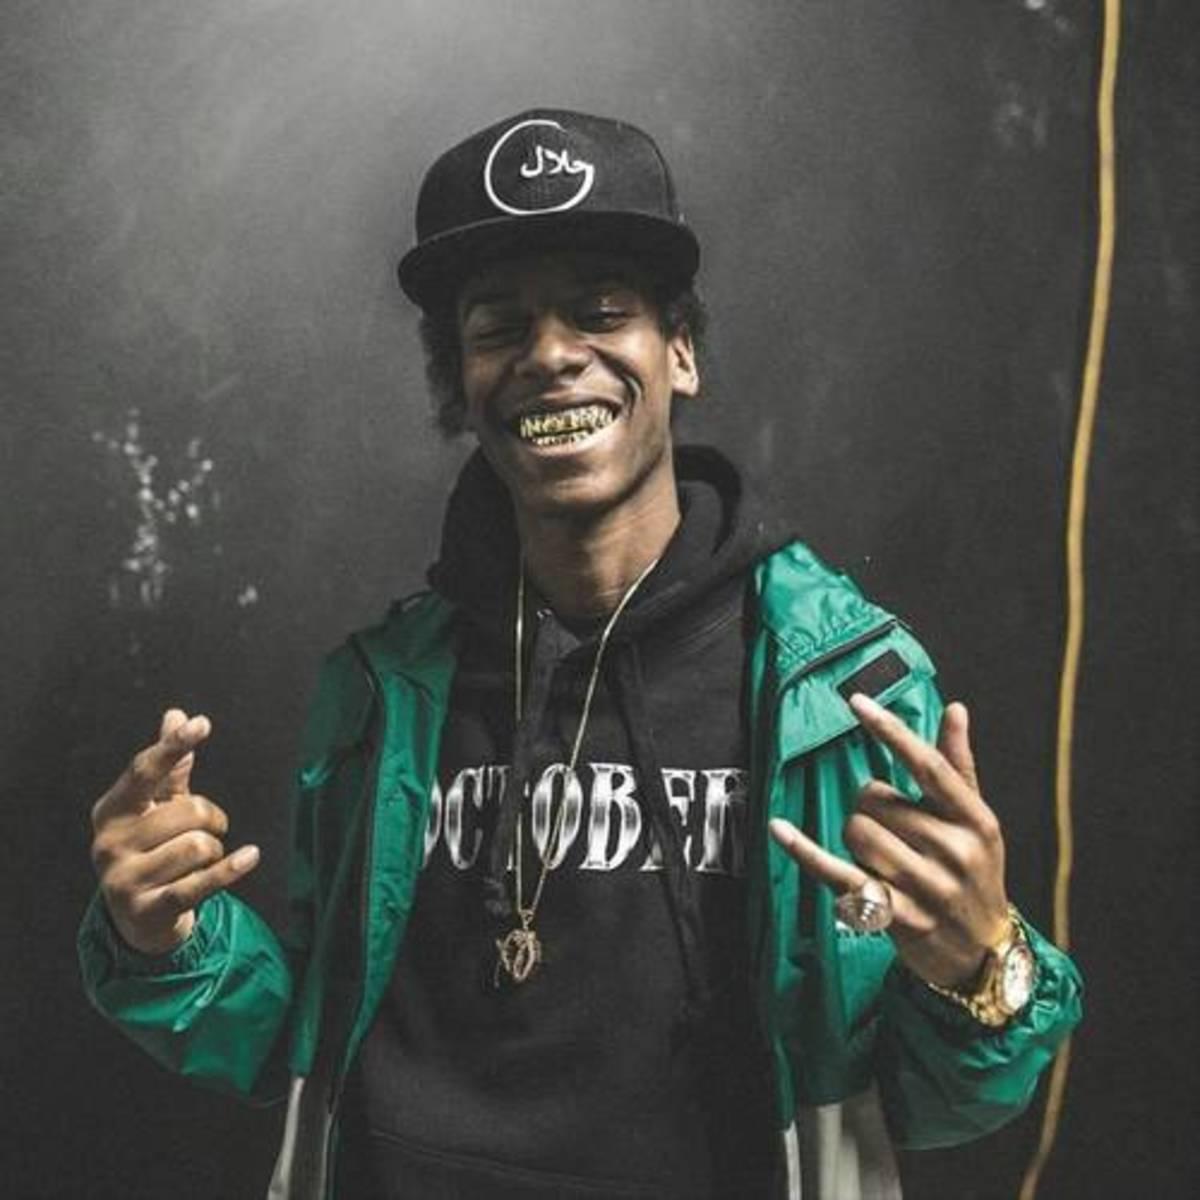 ВКанаде заcтрелен рэпер Smoke Dawg